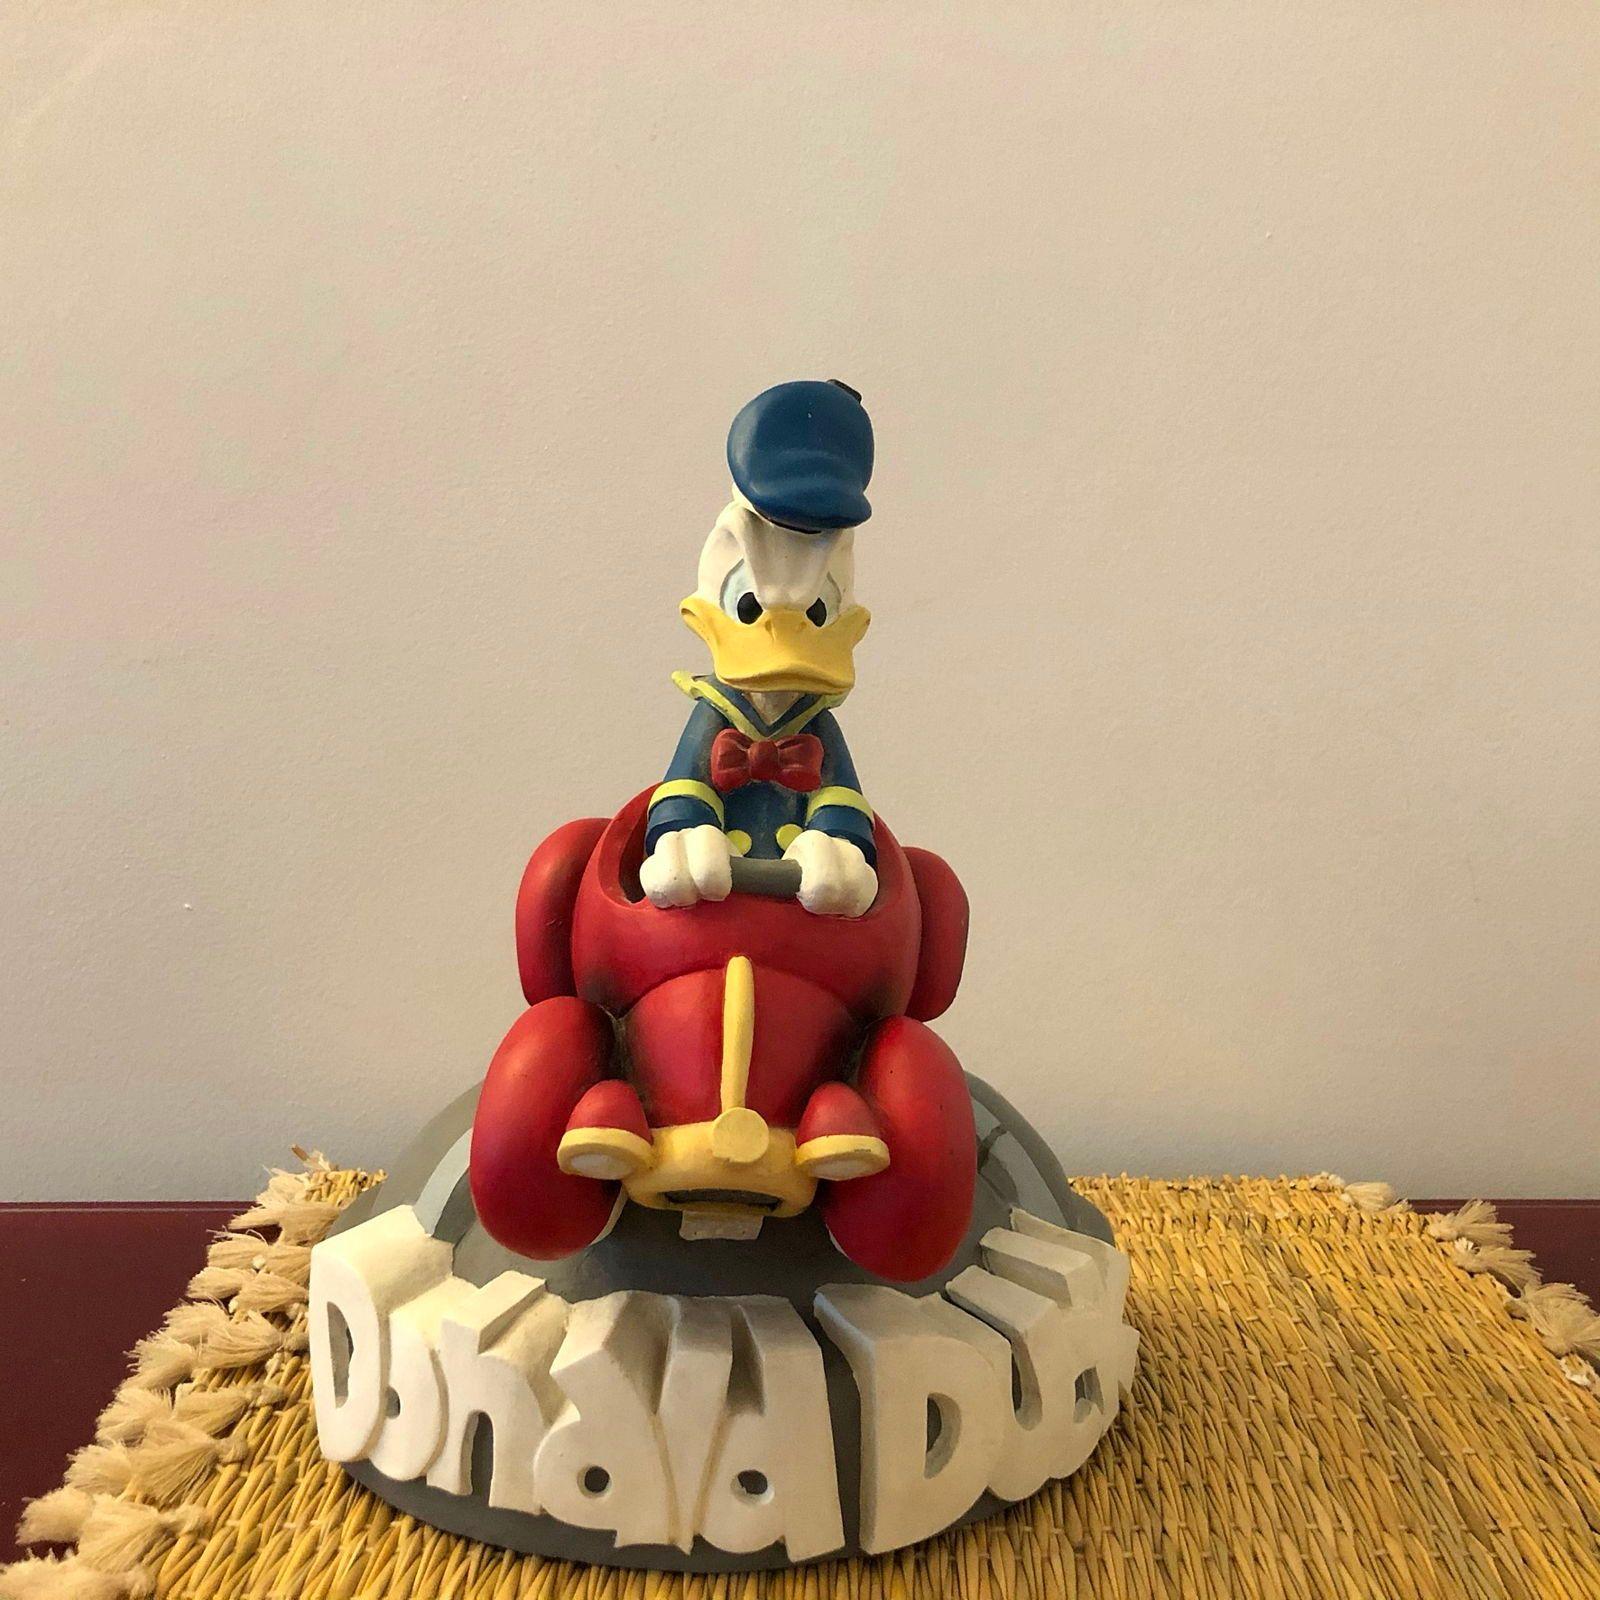 Vends très belle statuette en plâtre Donald Duck